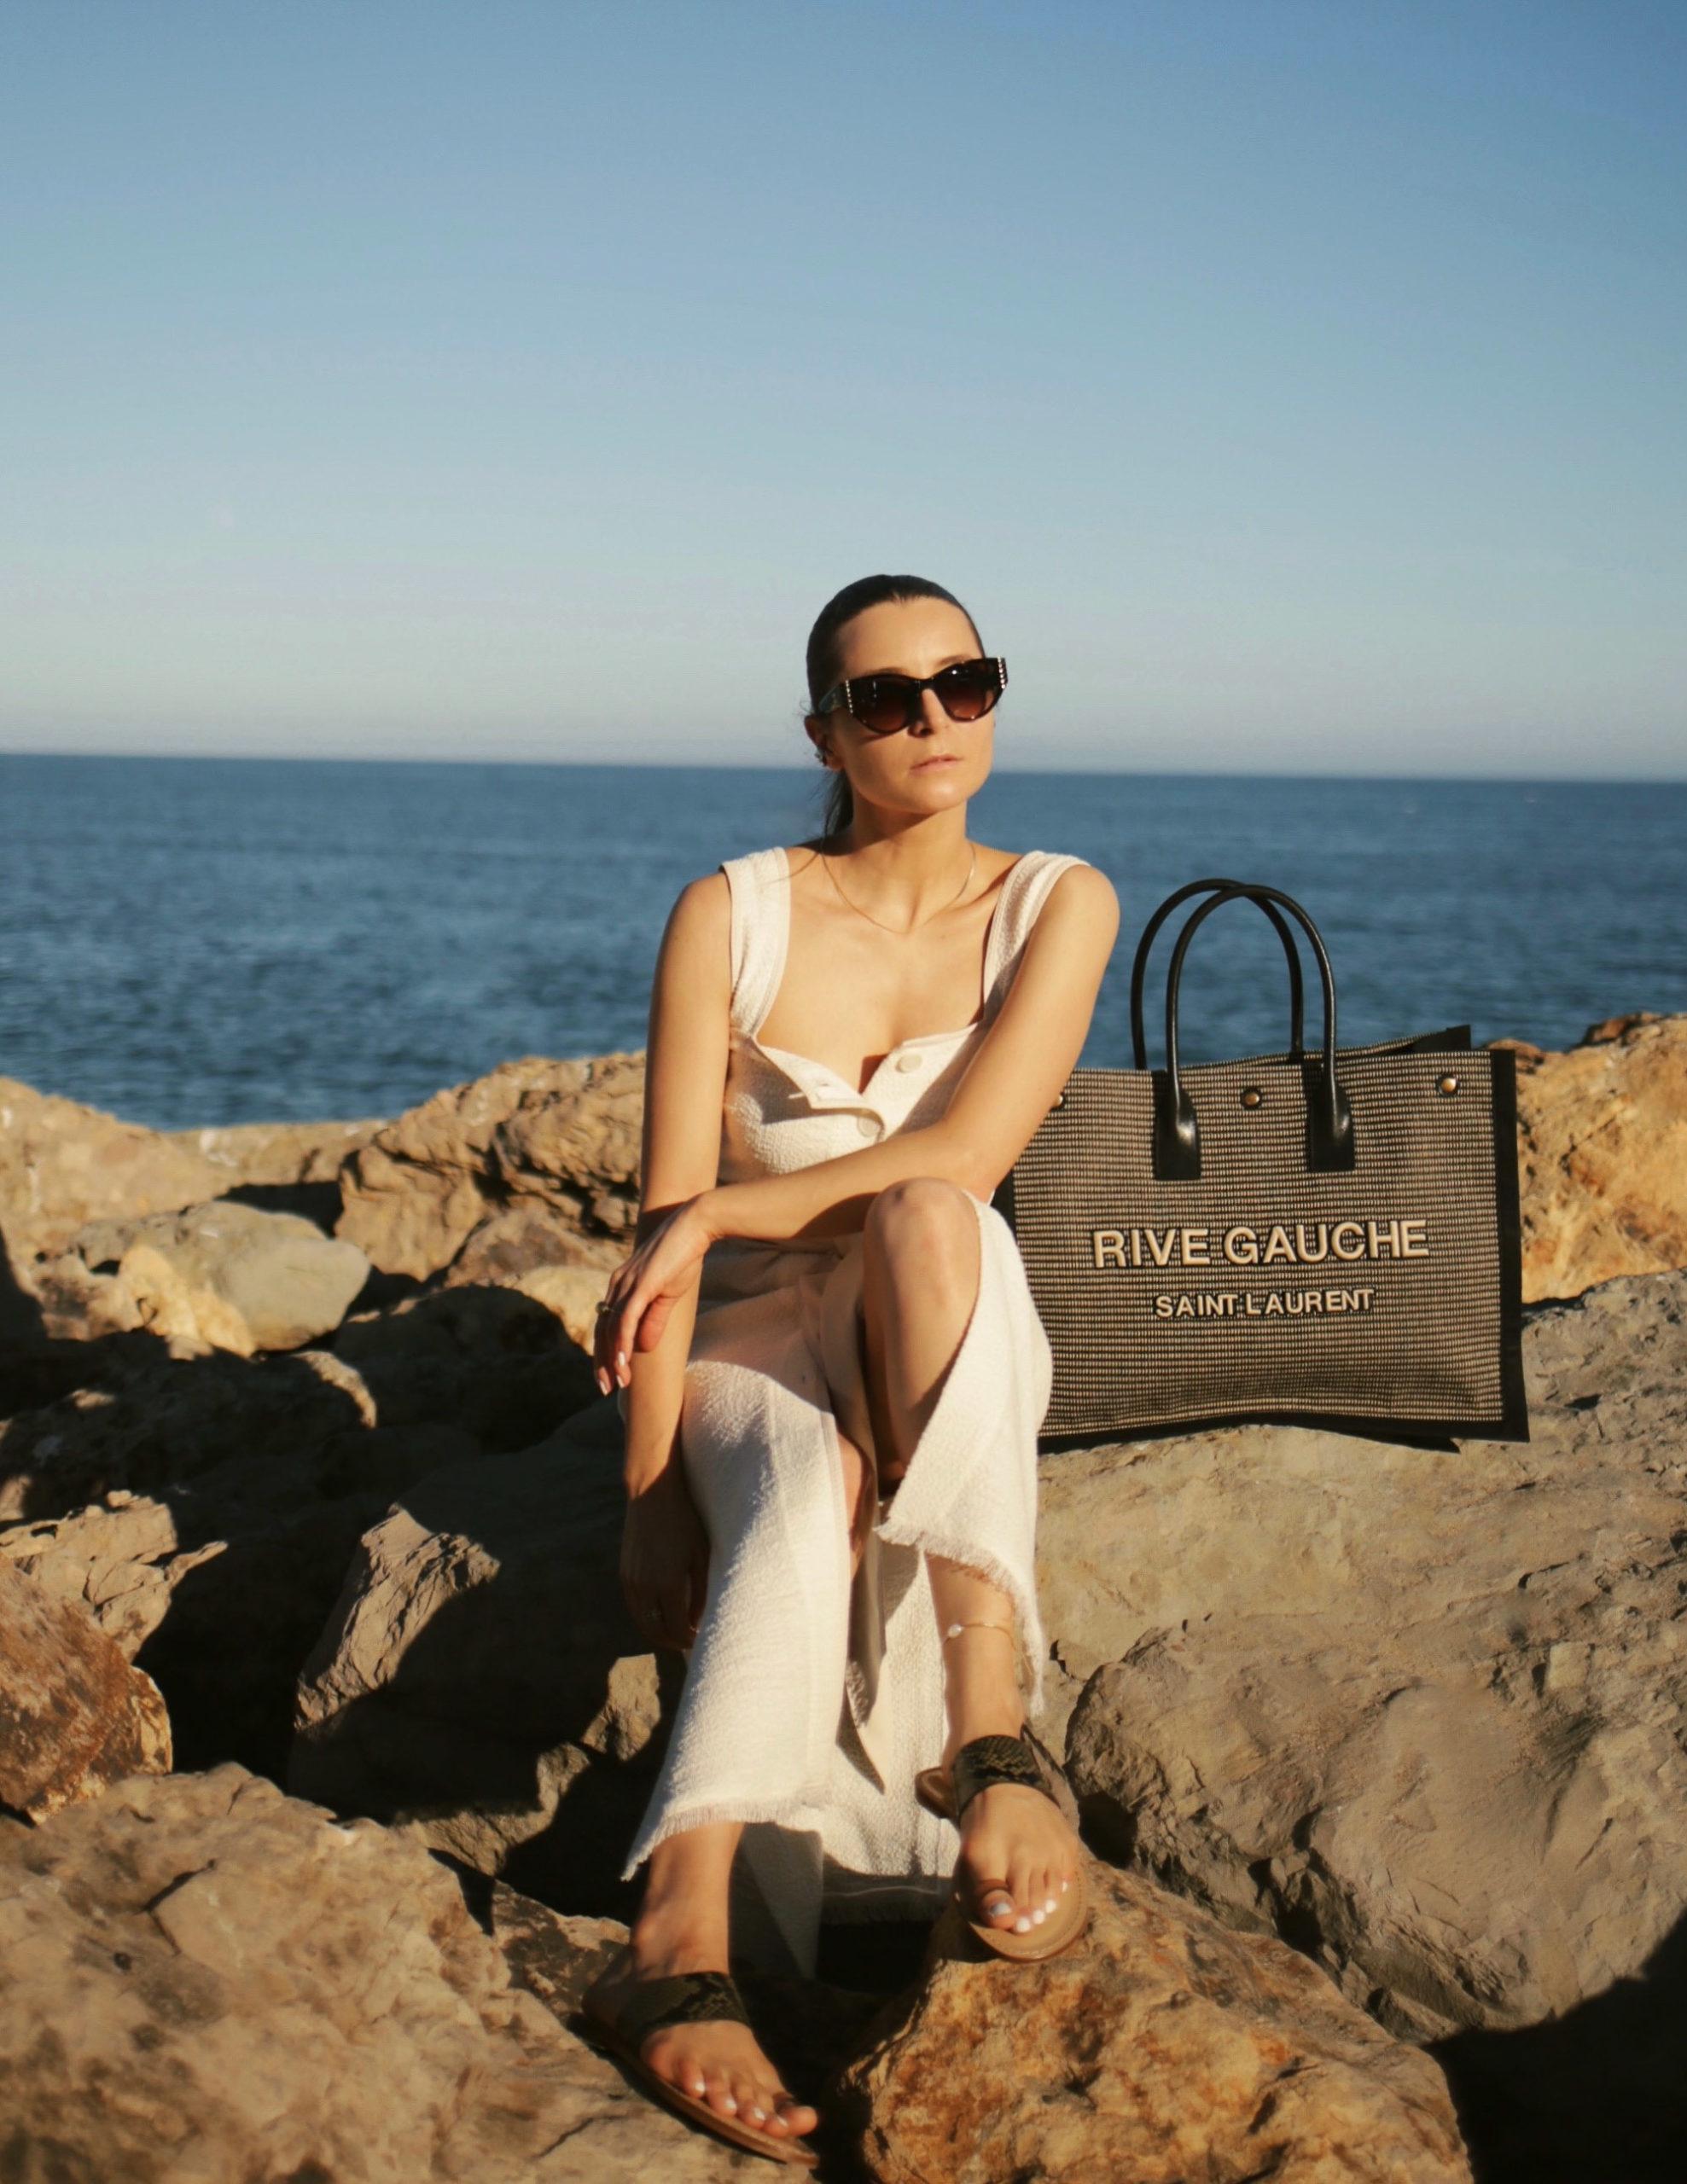 nanushka long dress summer style malibu canvas bag saint laurent